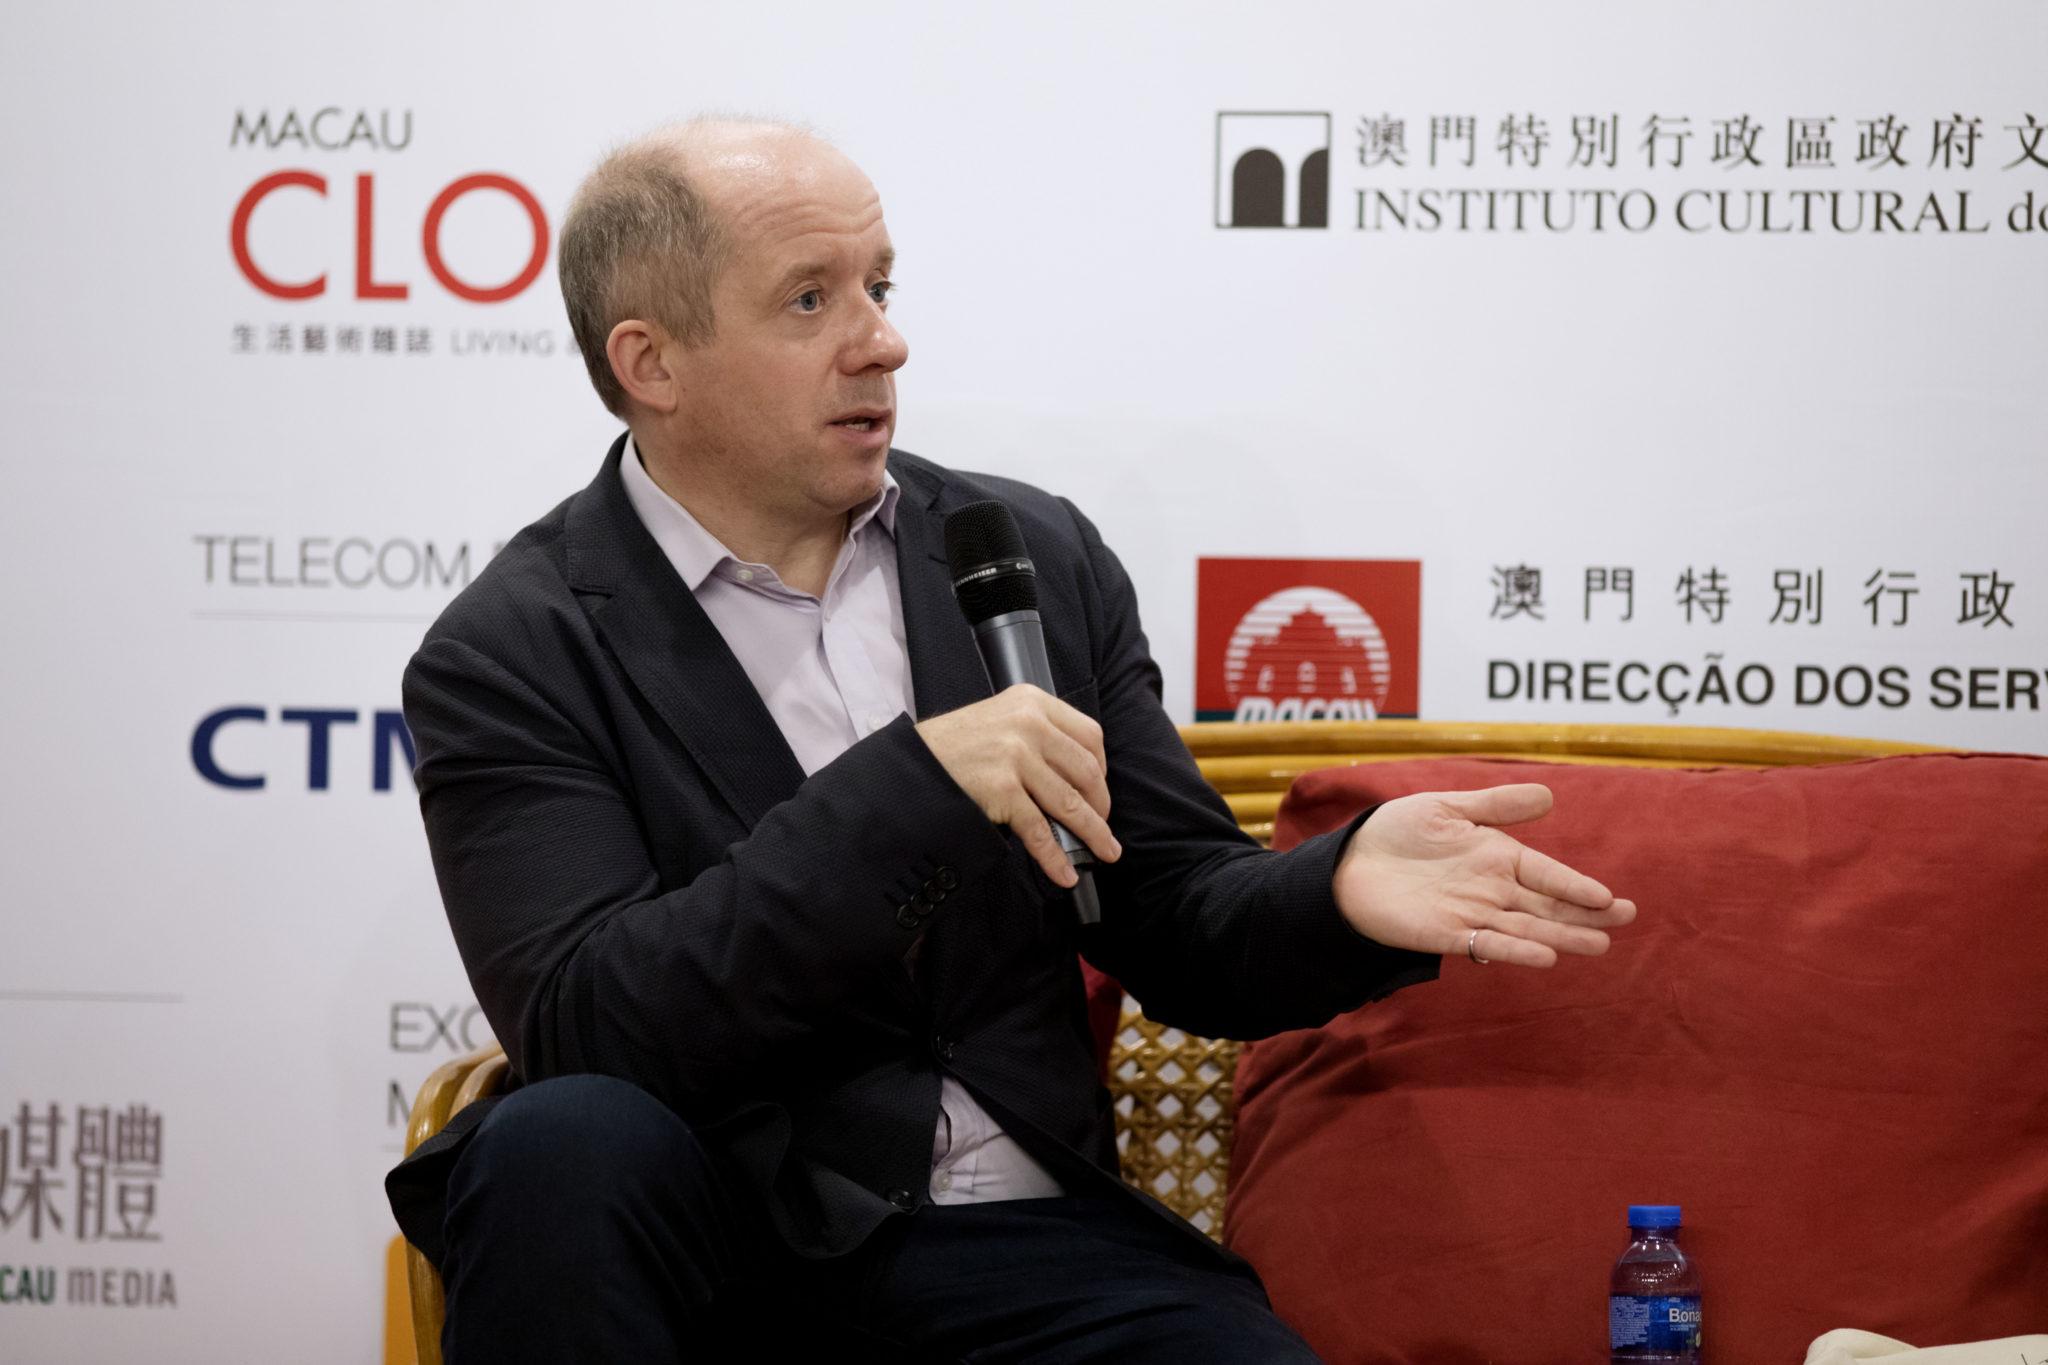 Rota das Letras   Duncan Clark apresentou biografia de Jack Ma, fundador do Alibaba